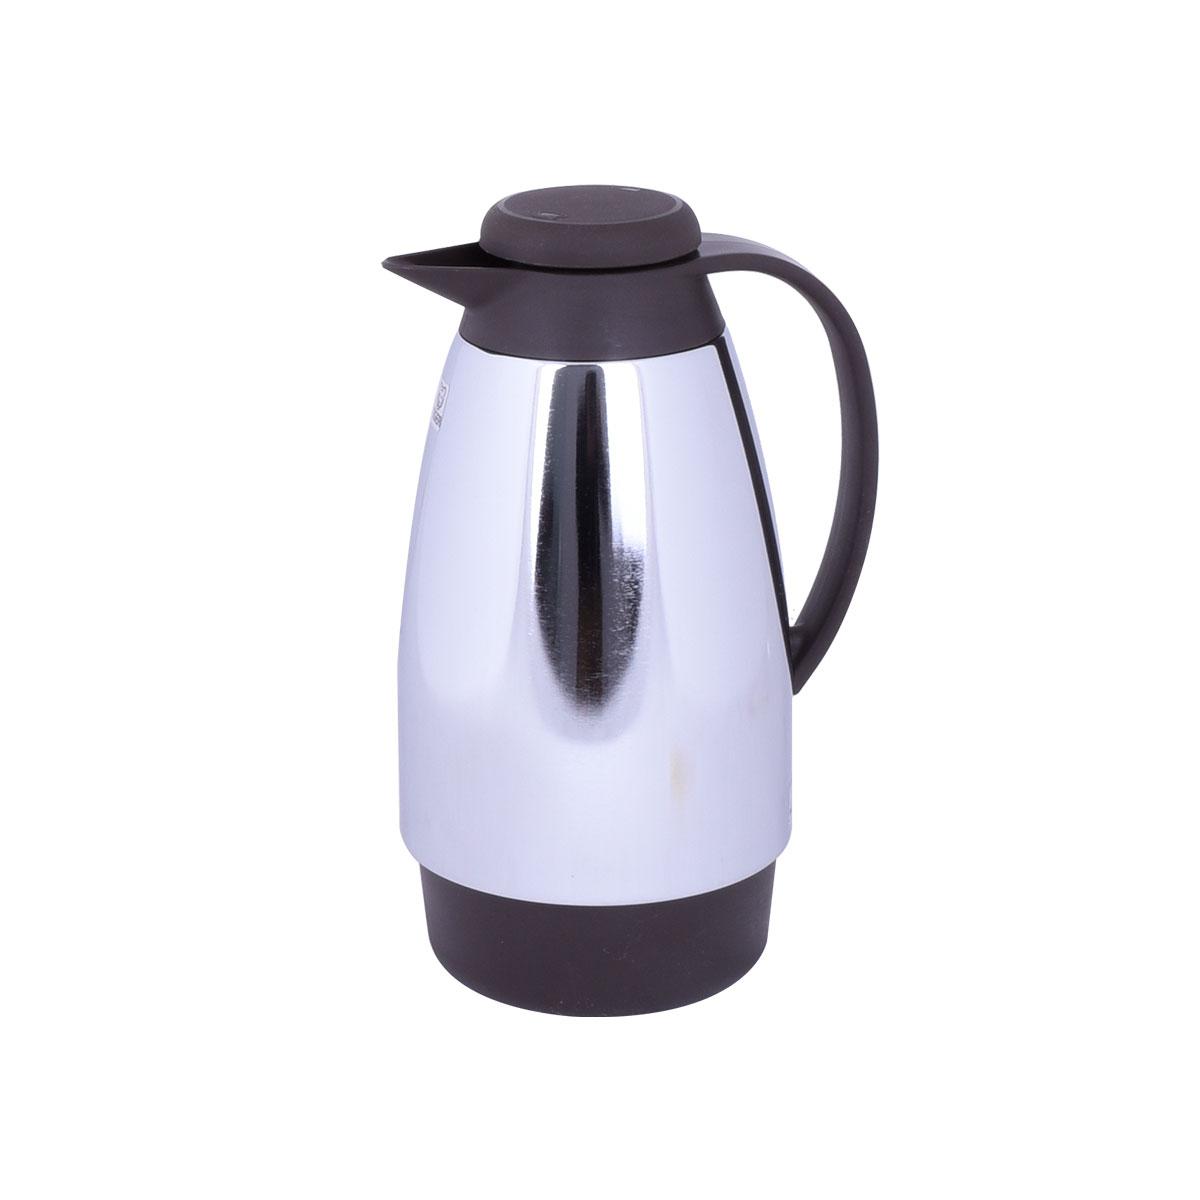 ترمس شاي وقهوه تايجر اليابانية - استانلس استيل - 1 لتر - PXC100